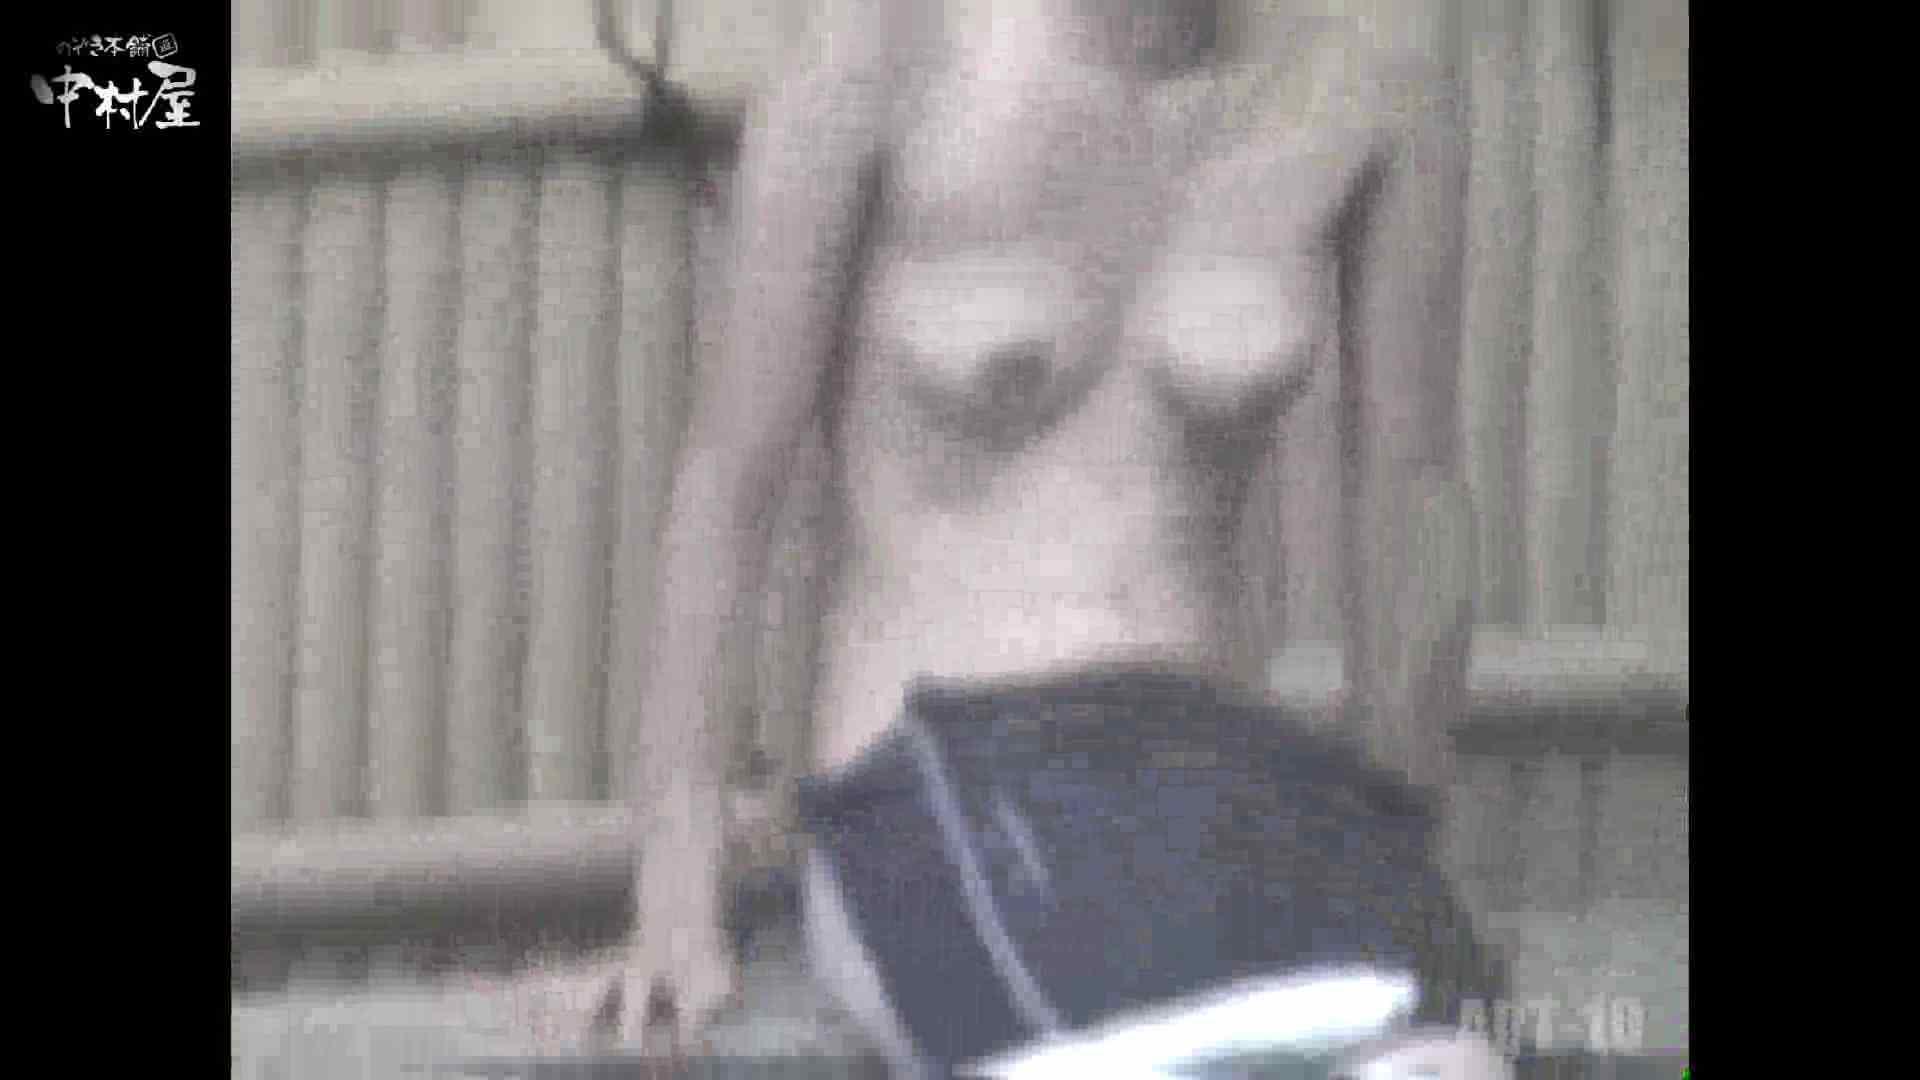 Aquaな露天風呂Vol.874潜入盗撮露天風呂十判湯 其の二 盗撮映像  77Pix 62